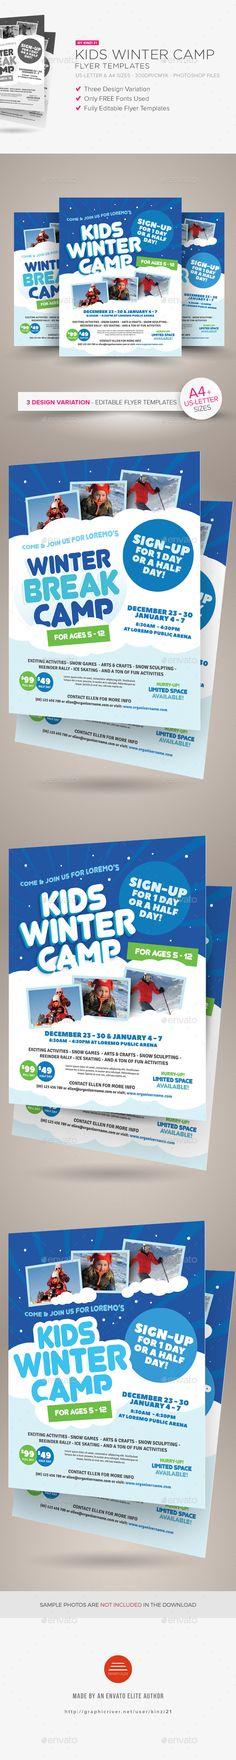 Kids Winter Camp Flyer Templates PSD